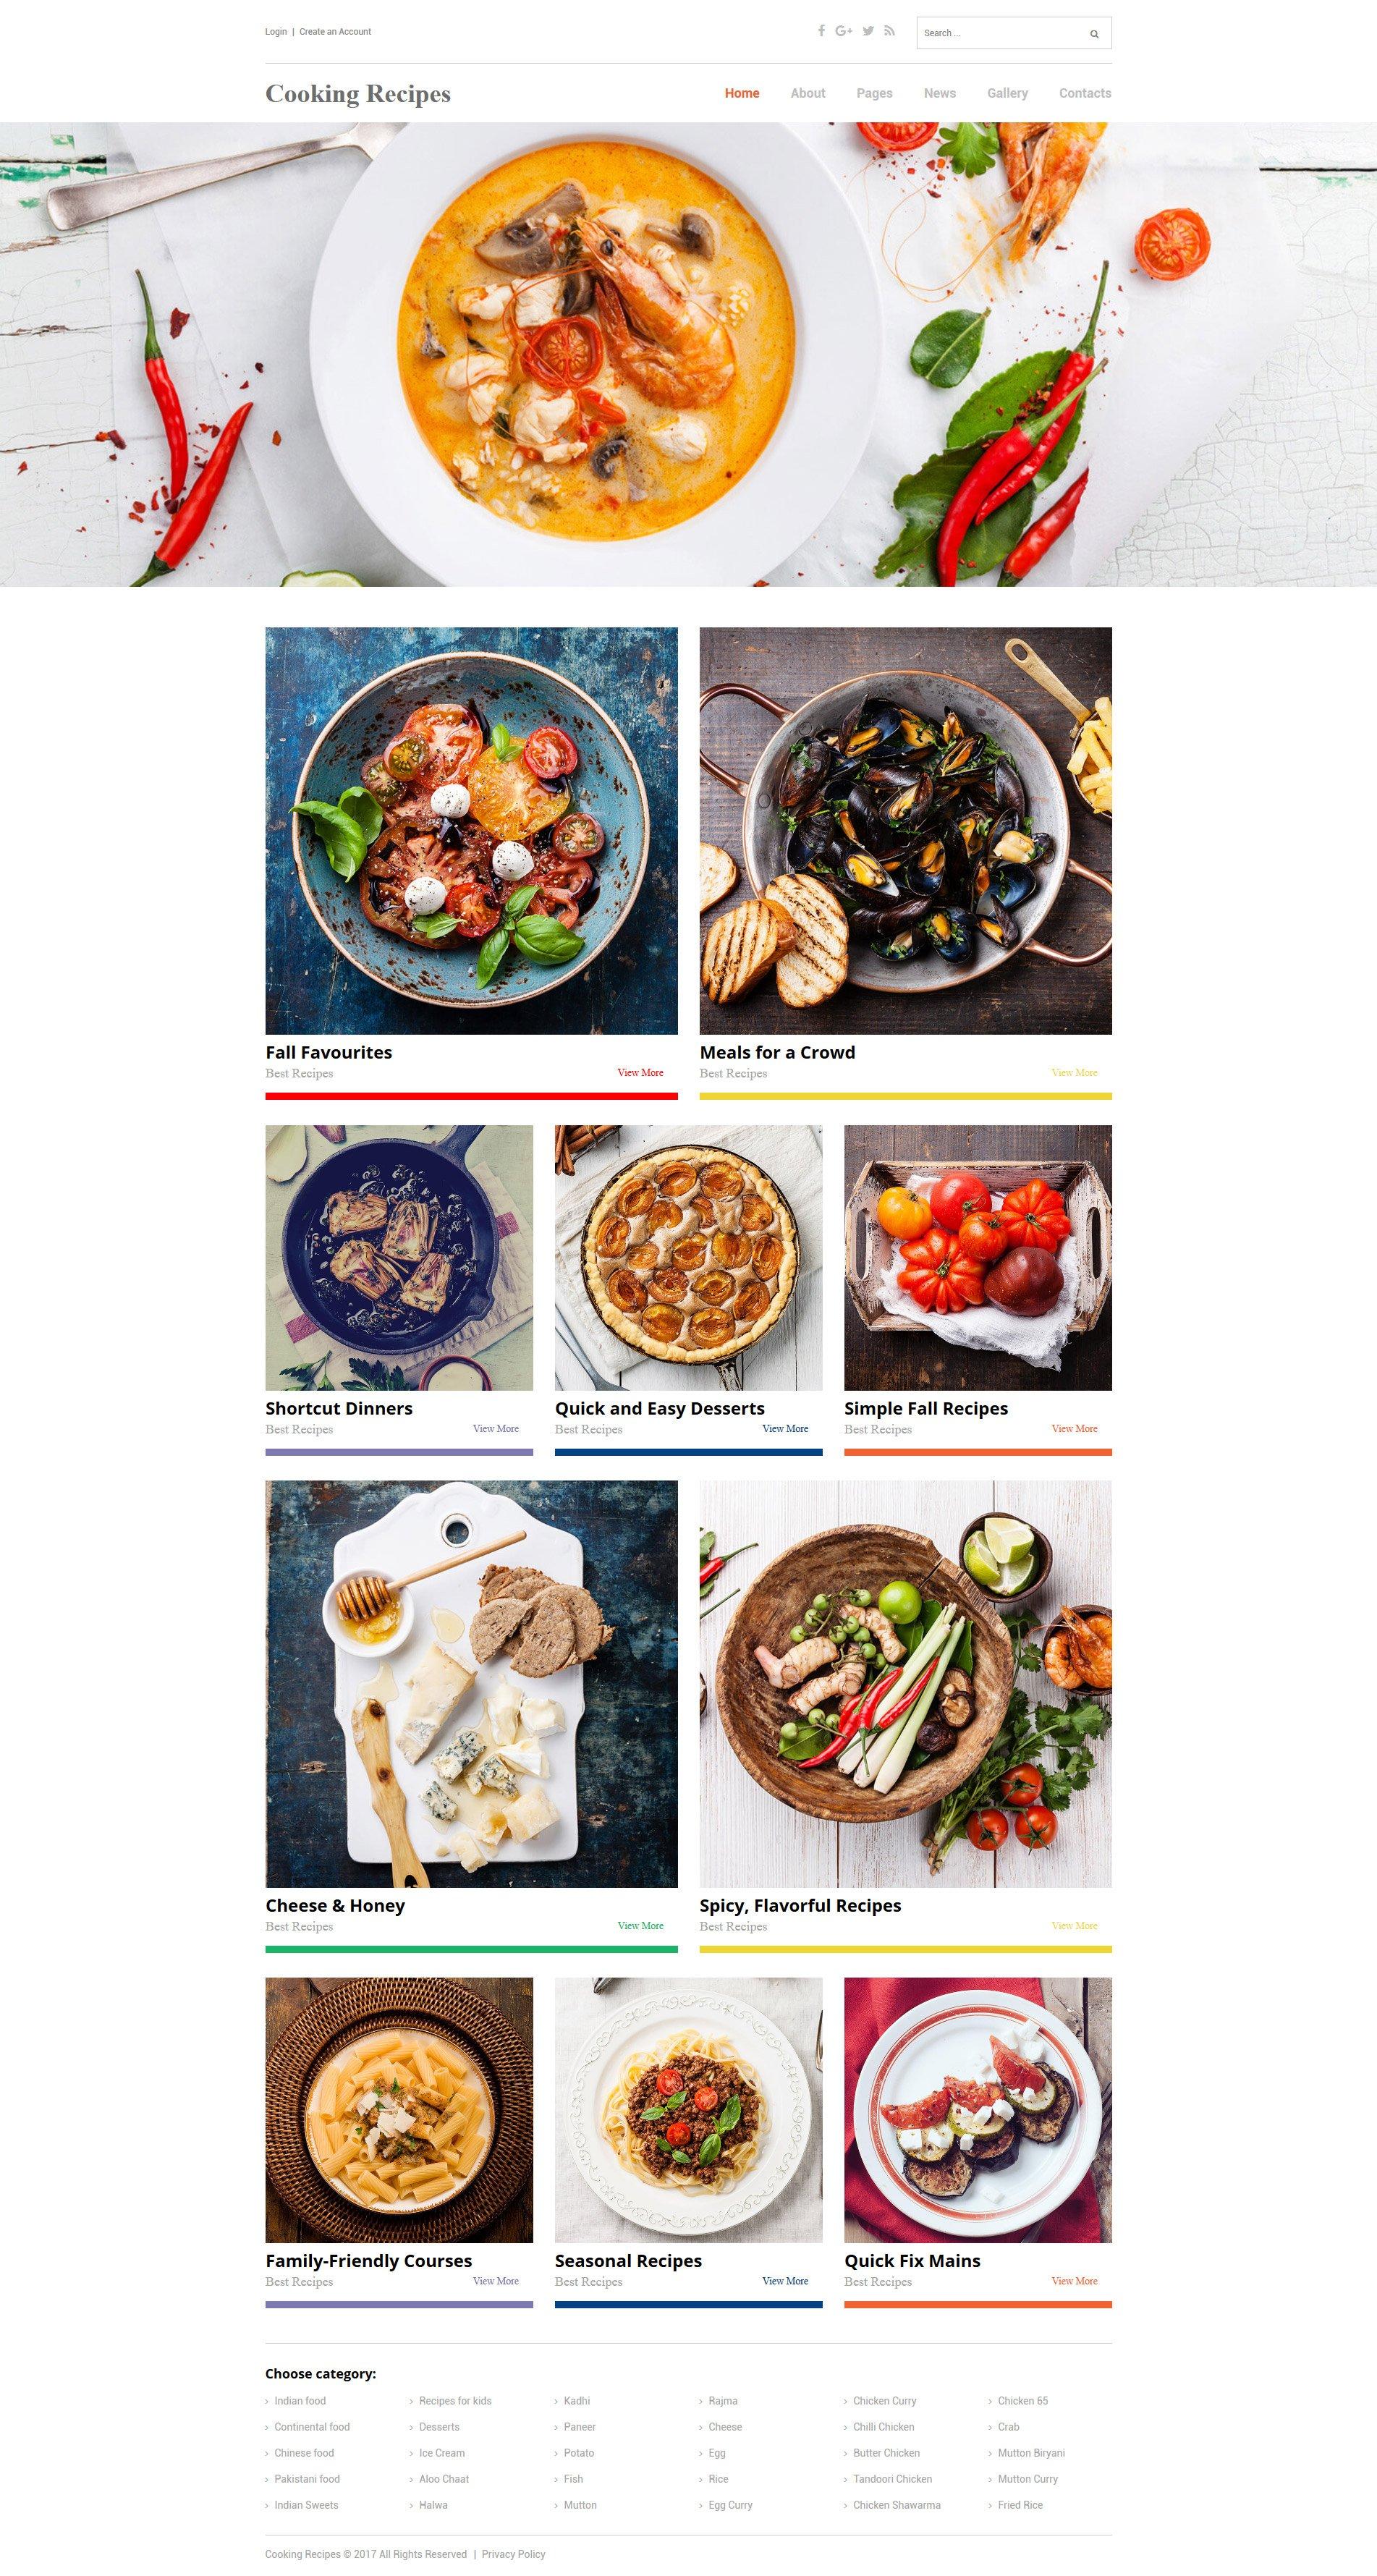 Responsywny szablon Joomla Cooking Recipes Responsive #62147 - zrzut ekranu